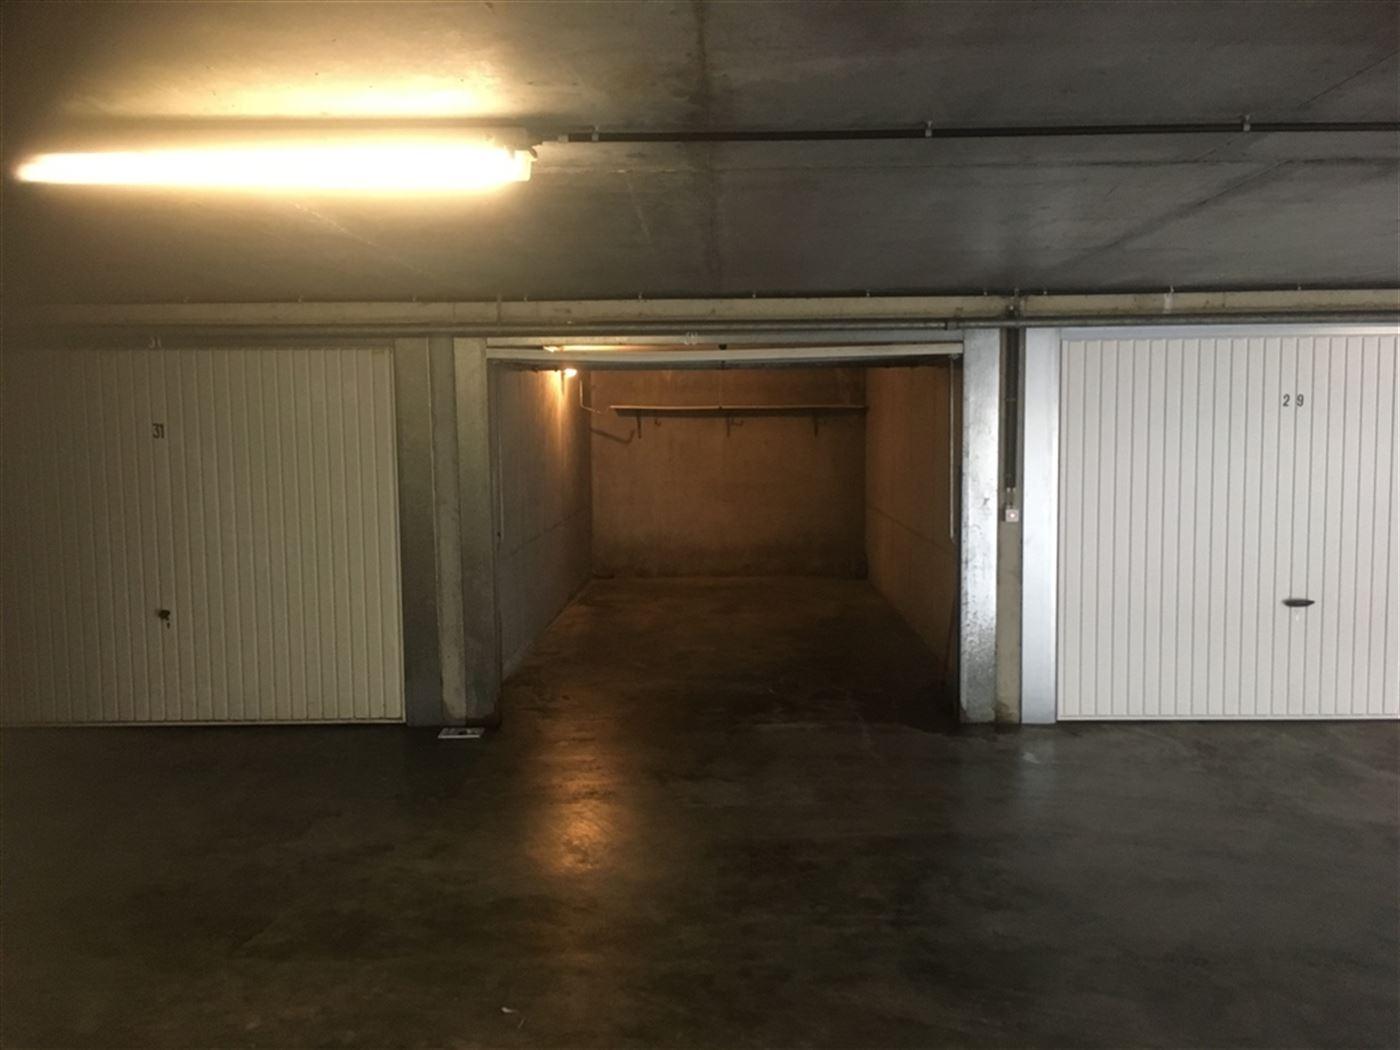 Vierbarke nr. 30 - garagebox gelegen op niveau -1 Gemakkelijk in te rijden Afmetingen: 2,80 x 6 m Afmetingen poort: 2,40 x 1,93 m...